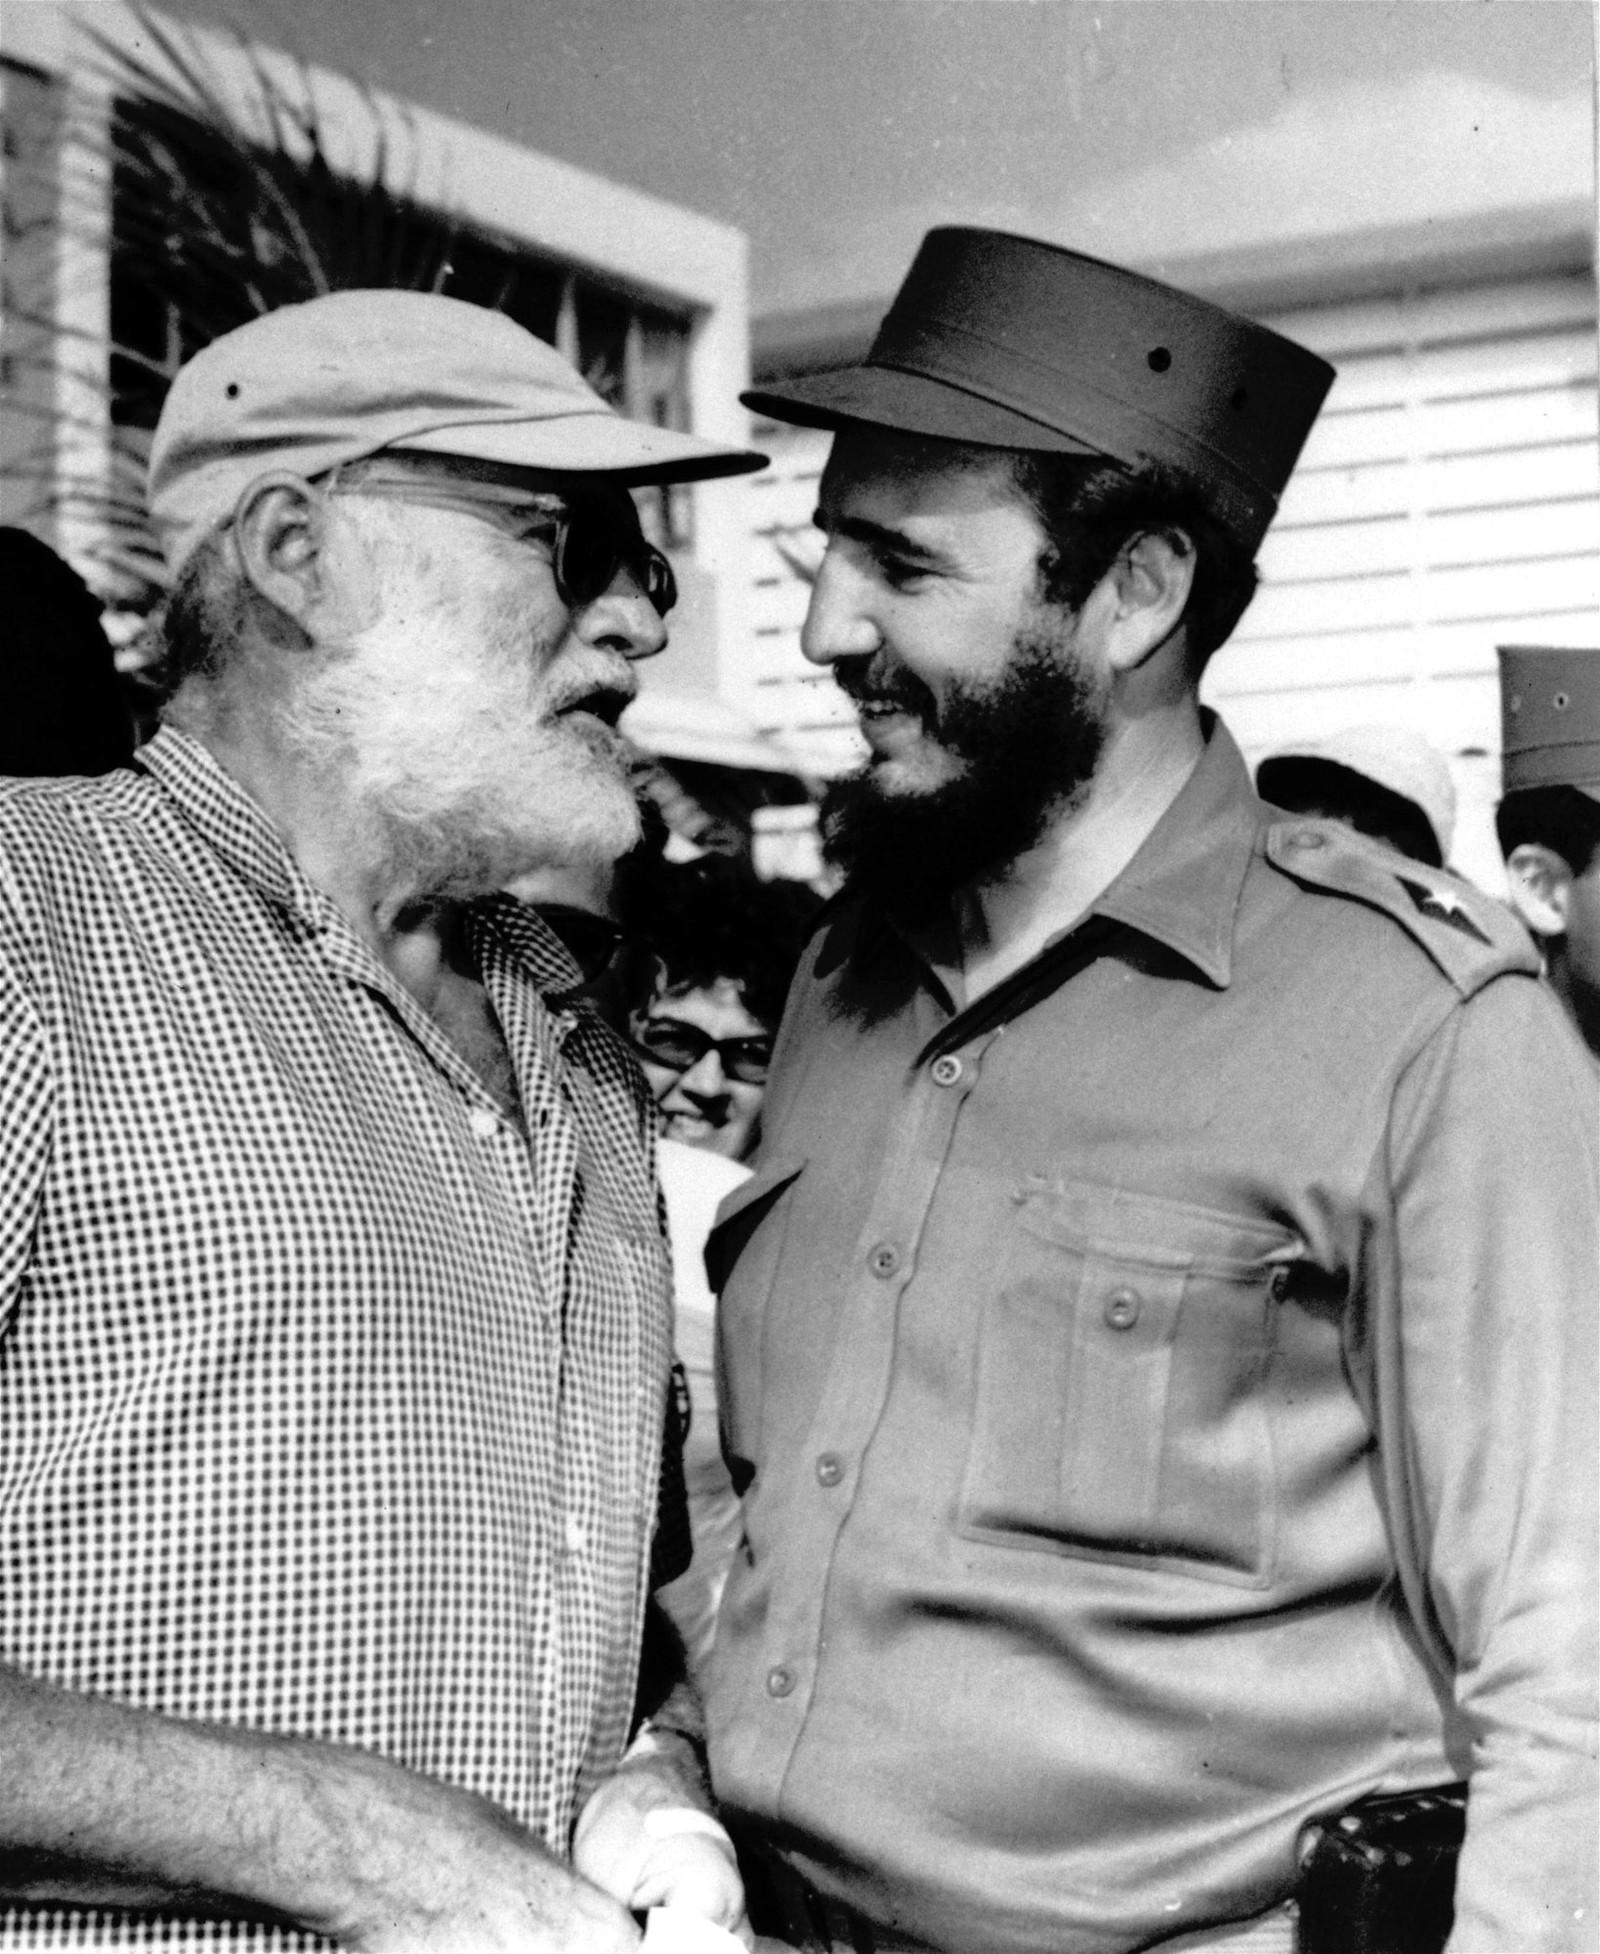 Den amerikanske forfatteren Ernest Hemingway, som bodde lange perioder på Cuba, og landets nye leder Fidel Castro under en passiar i mai 1960 etter at Castro vant fiskekonkurransen som bar forfatterens navn. Hemingway var en ivrig fisker, men fikk ingen napp dette året.